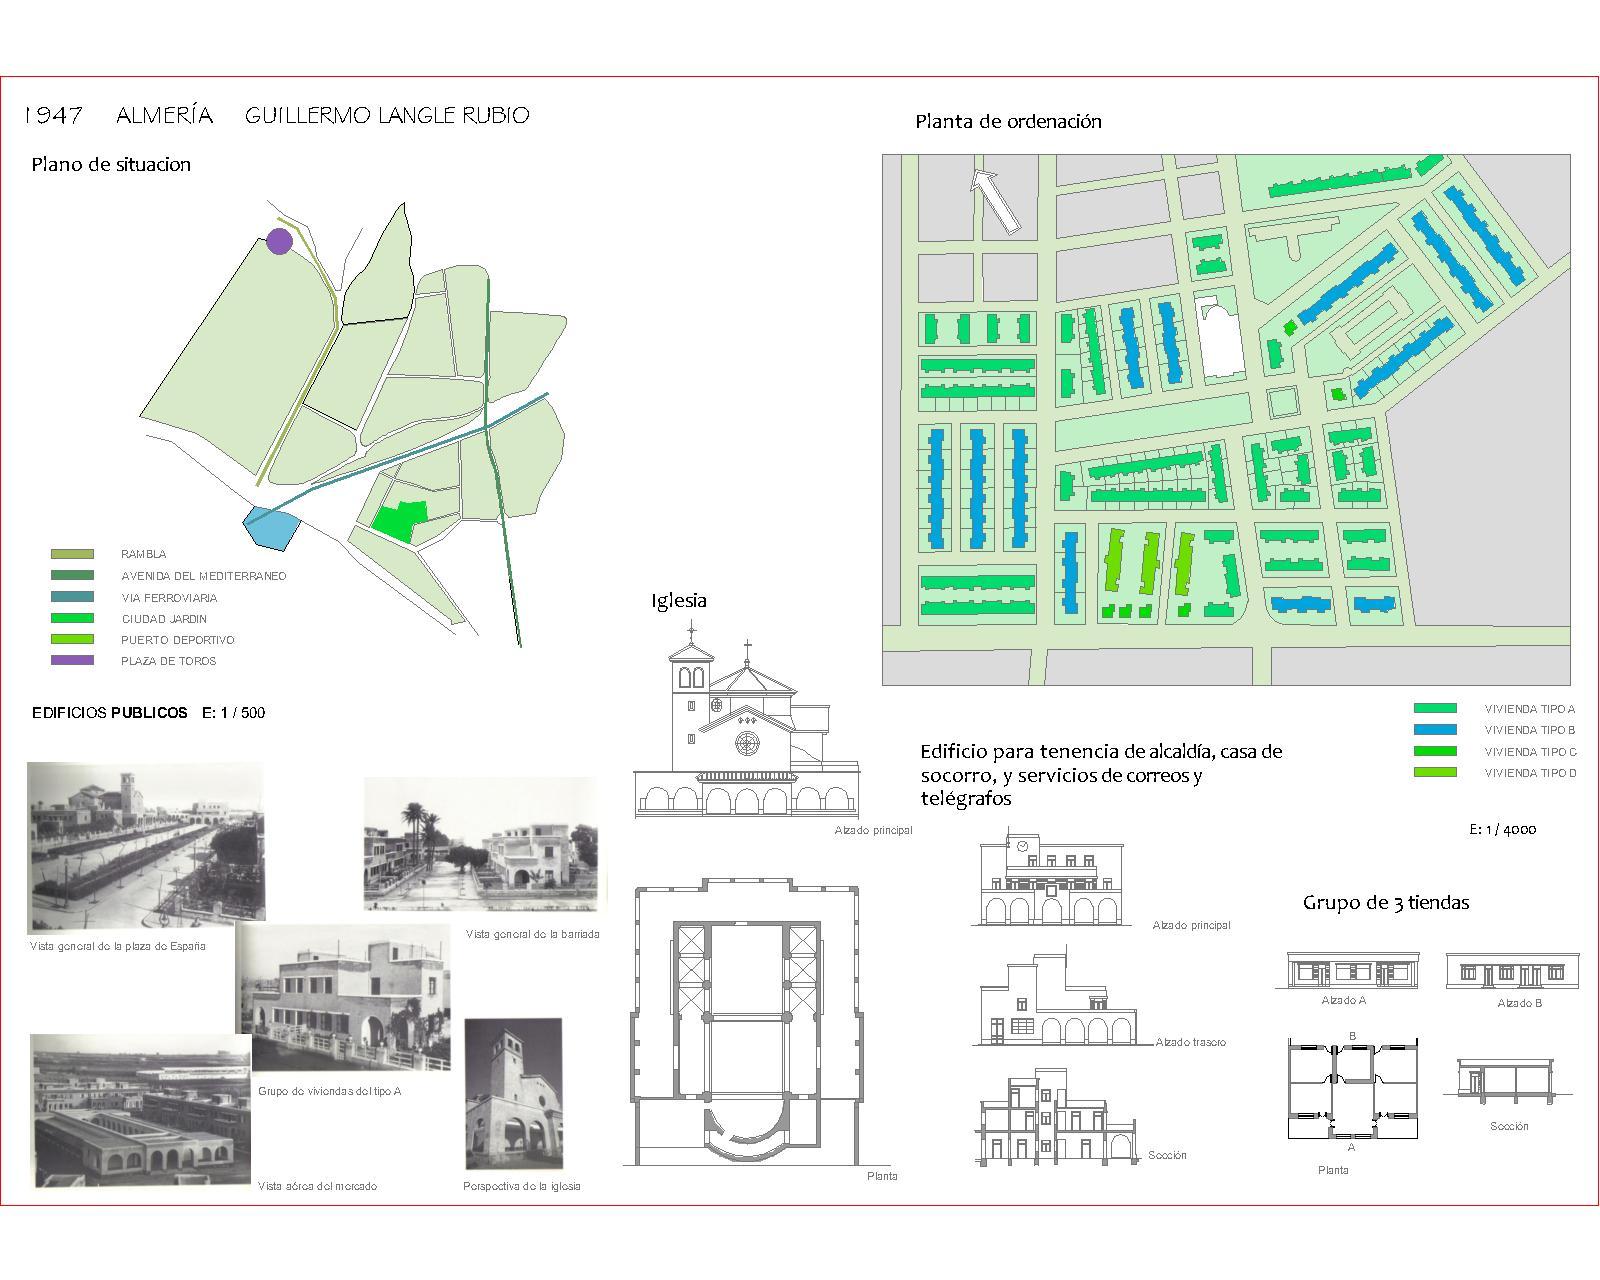 Pulsar imagen para ampliar for Casa ciudad jardin almeria